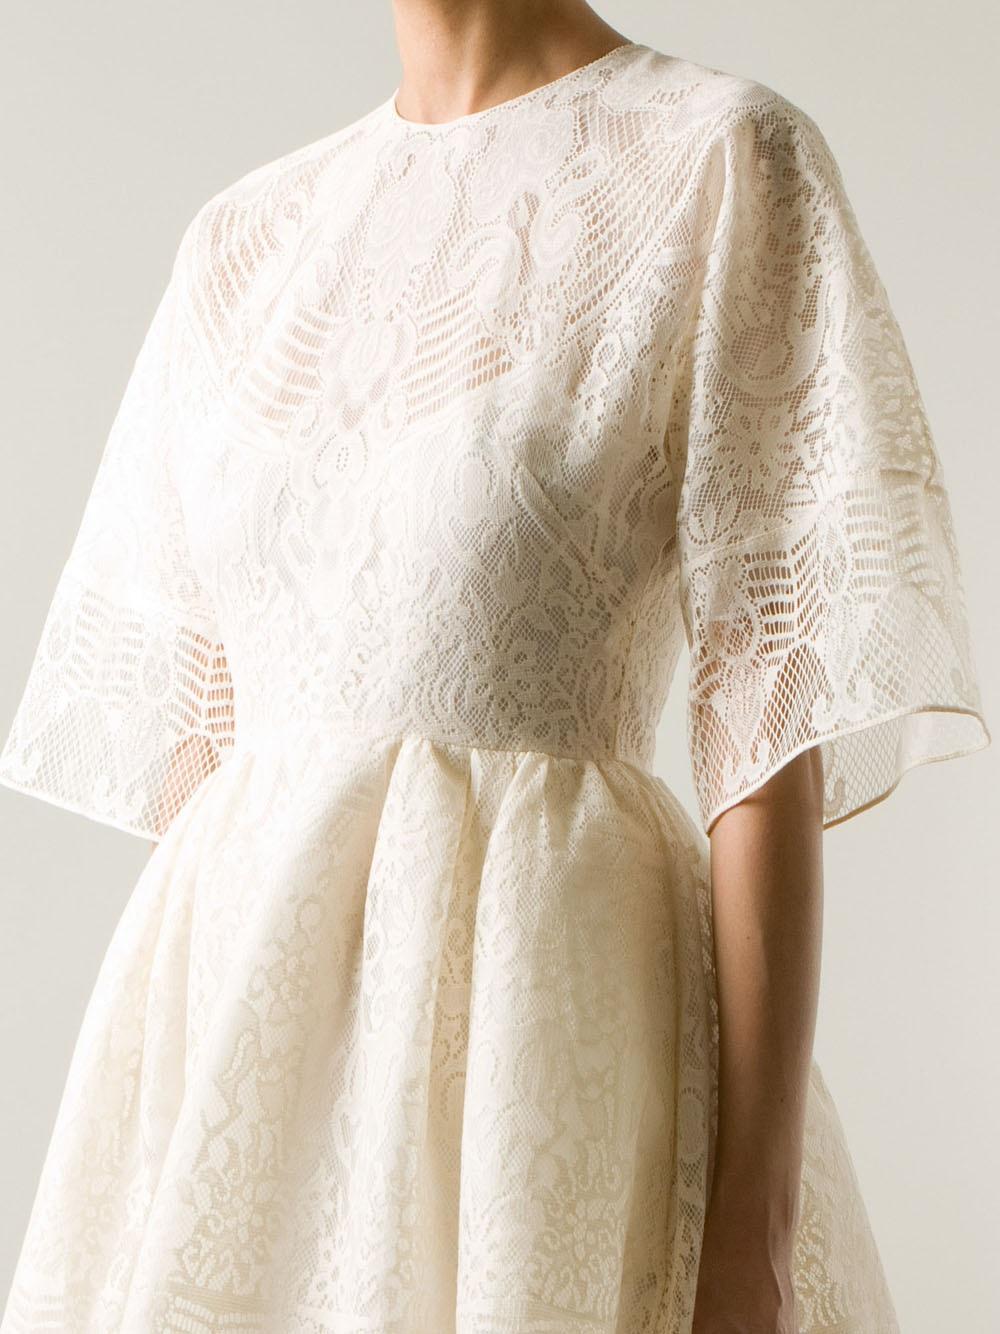 valentino dress | eBay